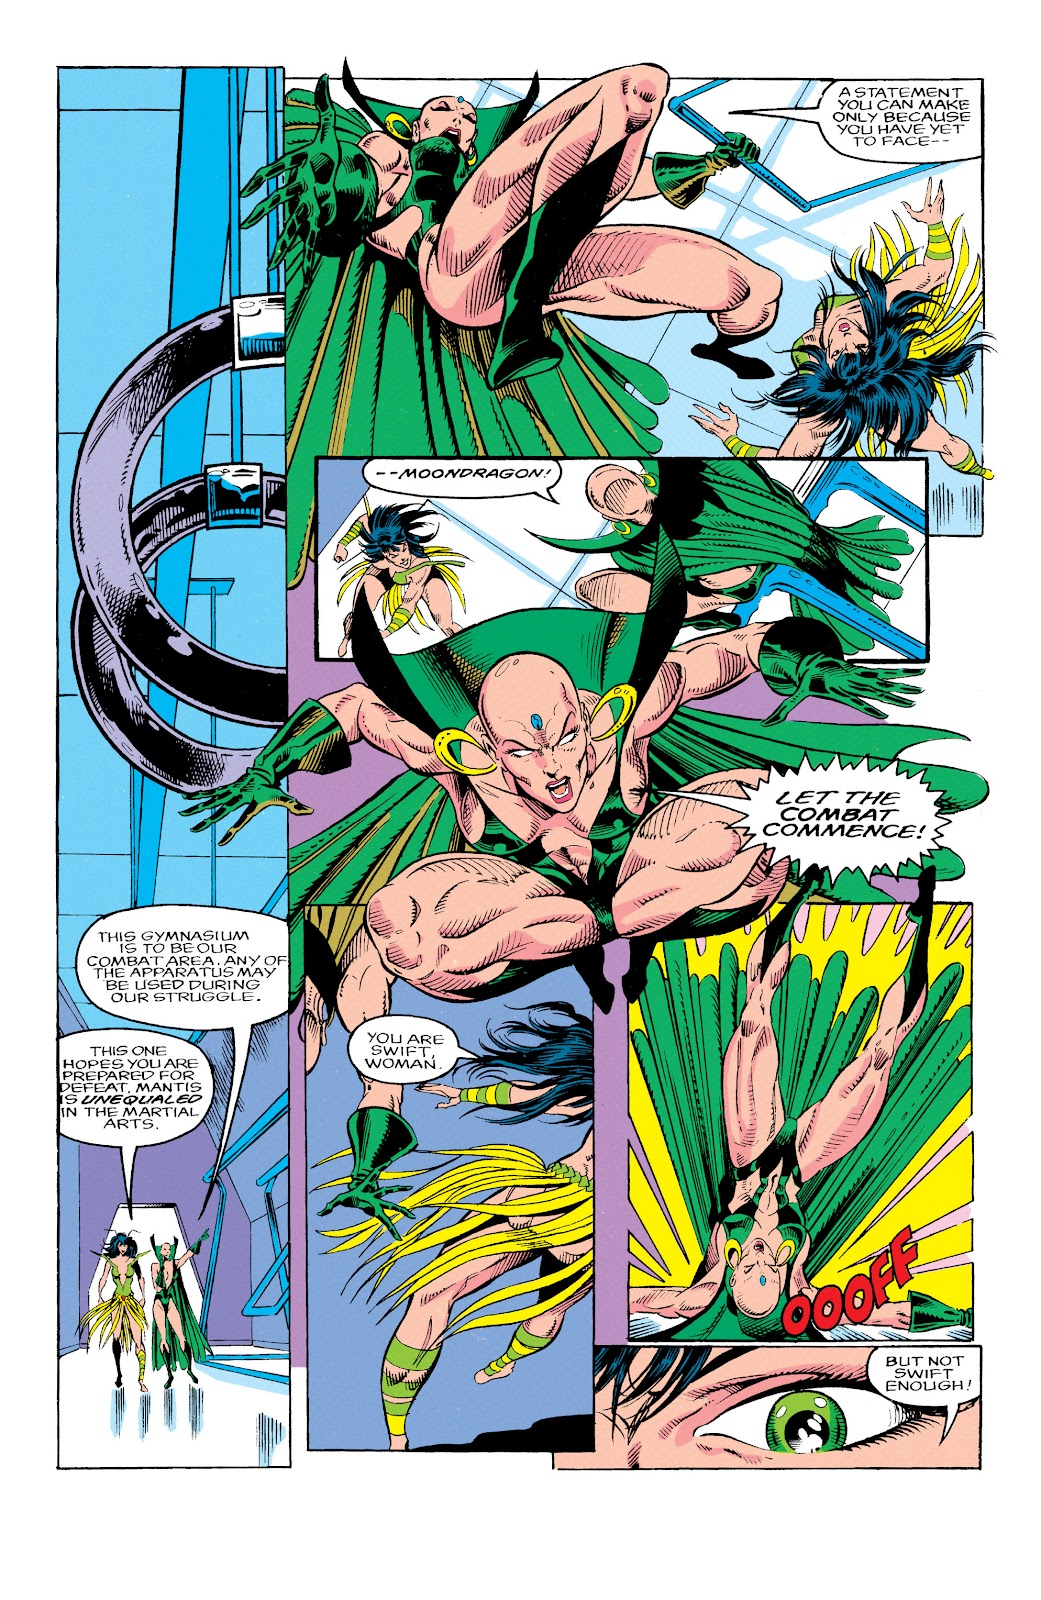 Read online Avengers: Citizen Kang comic -  Issue # TPB (Part 2) - 52